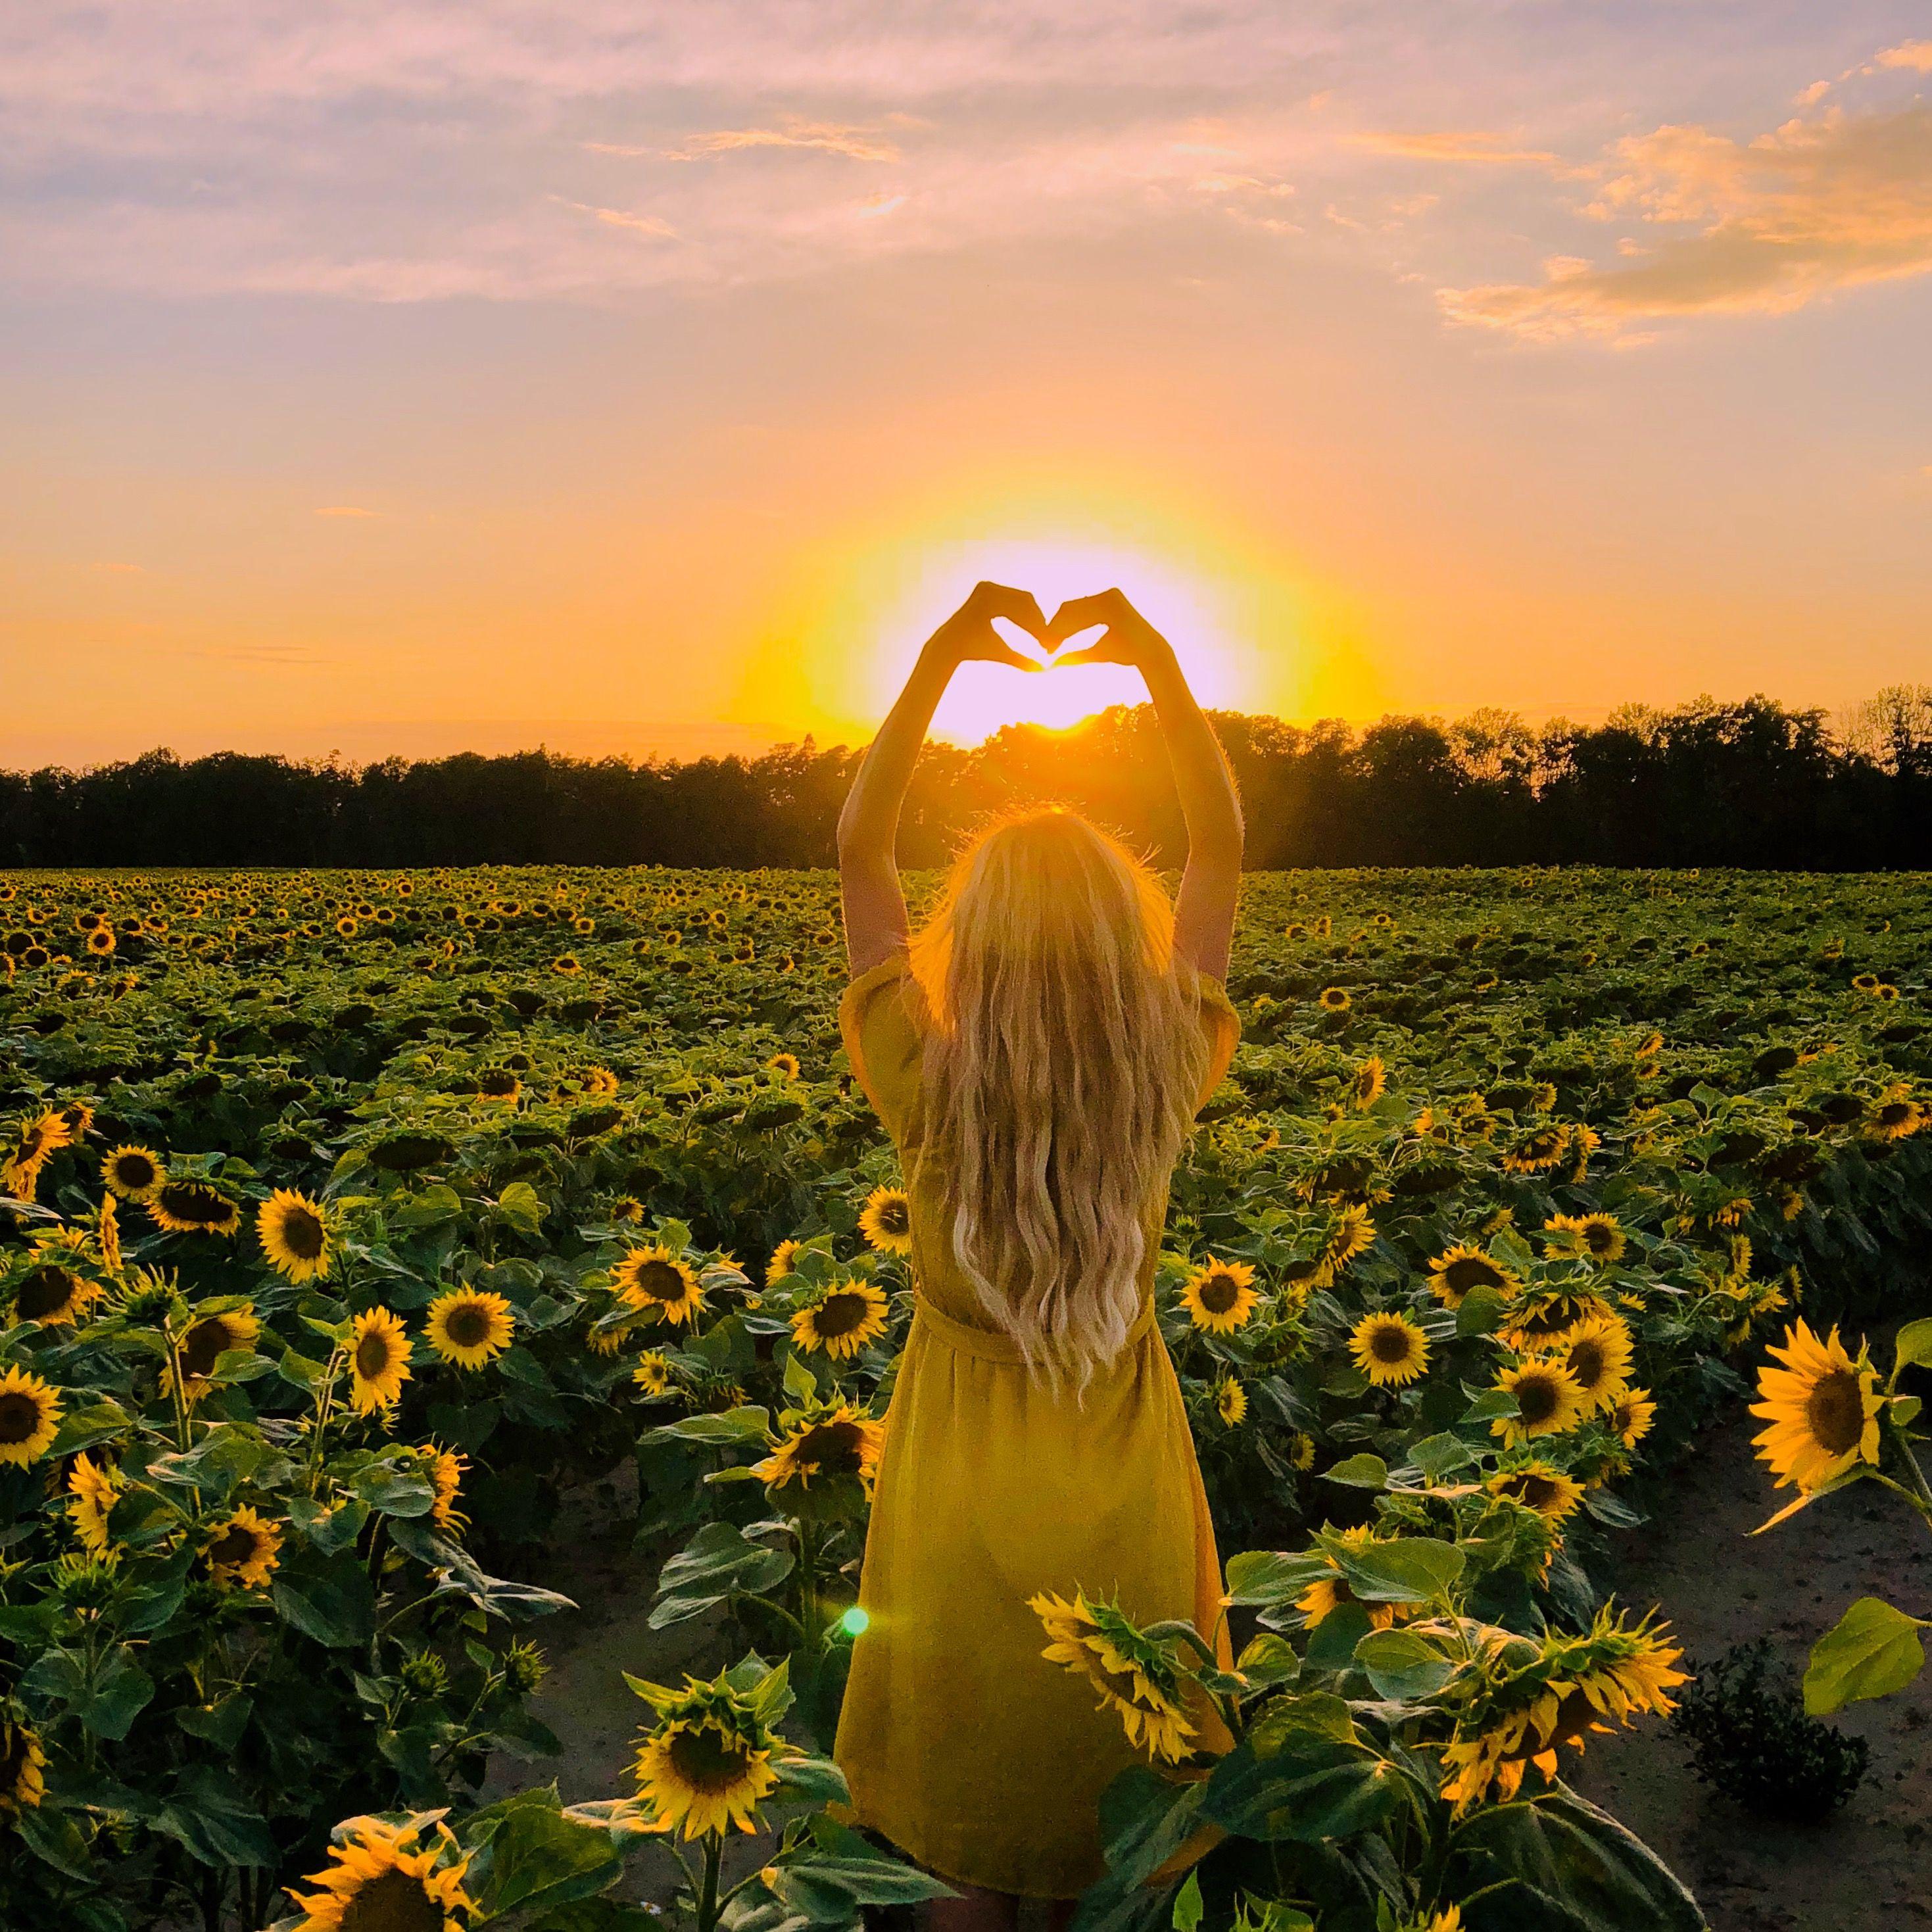 Edited By Lenkalifephotos On Instagram Flower Photoshoot Sunflower Photography Sunflower Field Pictures